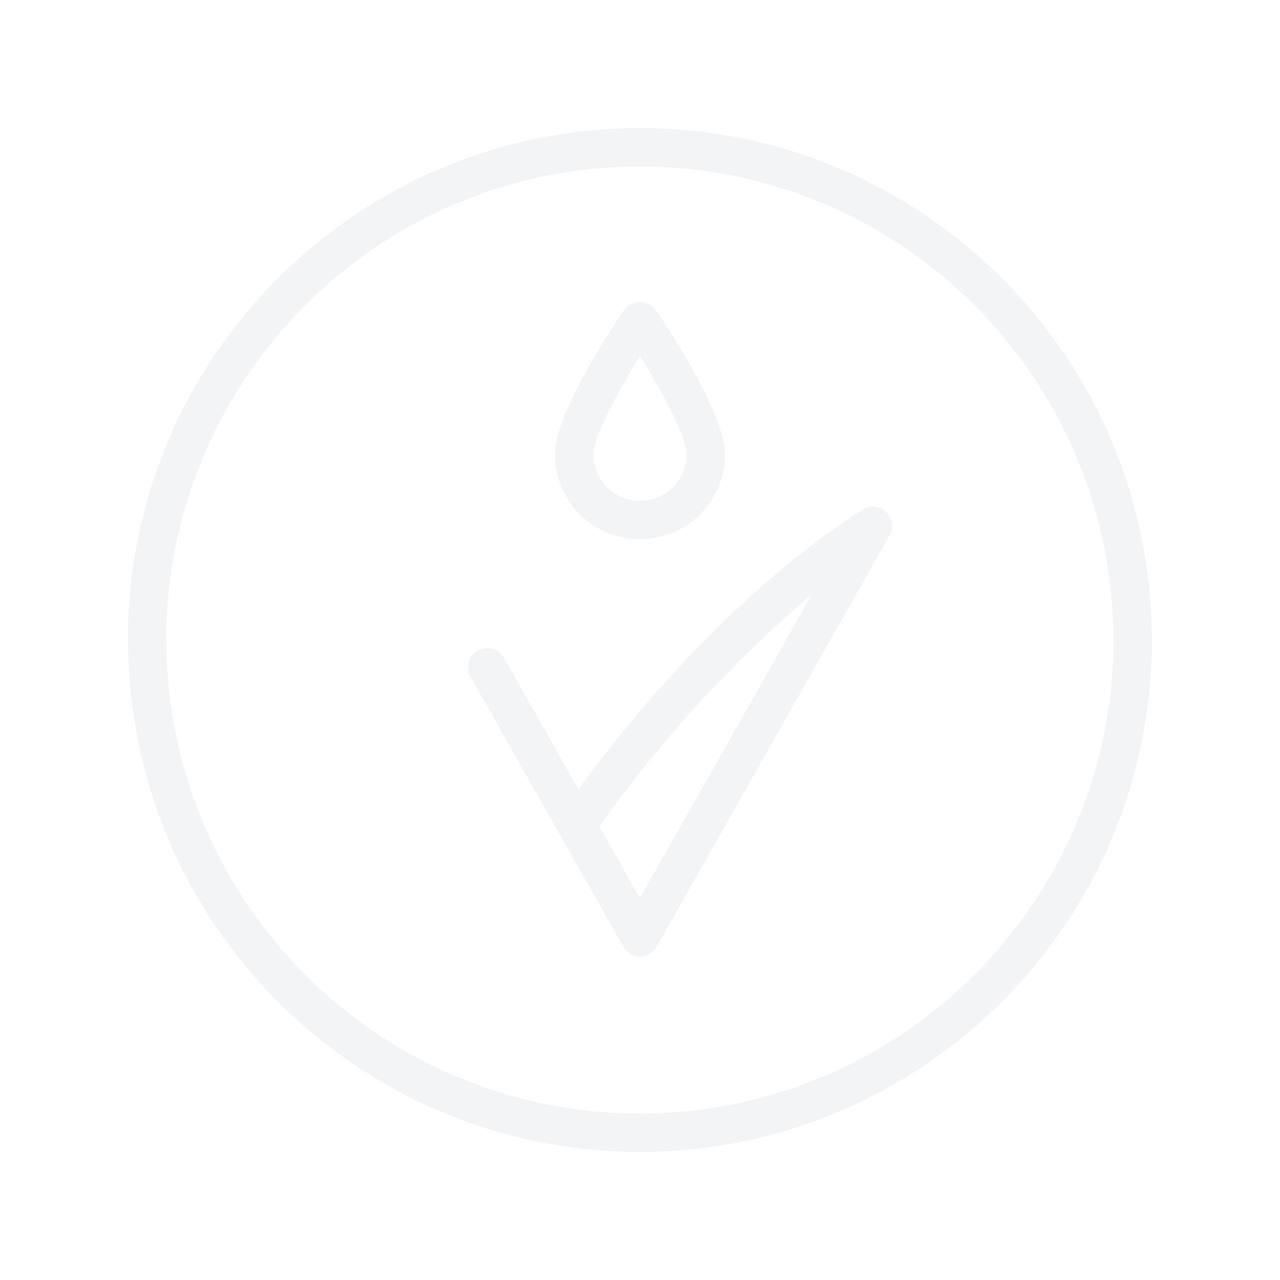 SAMPAR Nocturnal Line-Up Mask 50ml